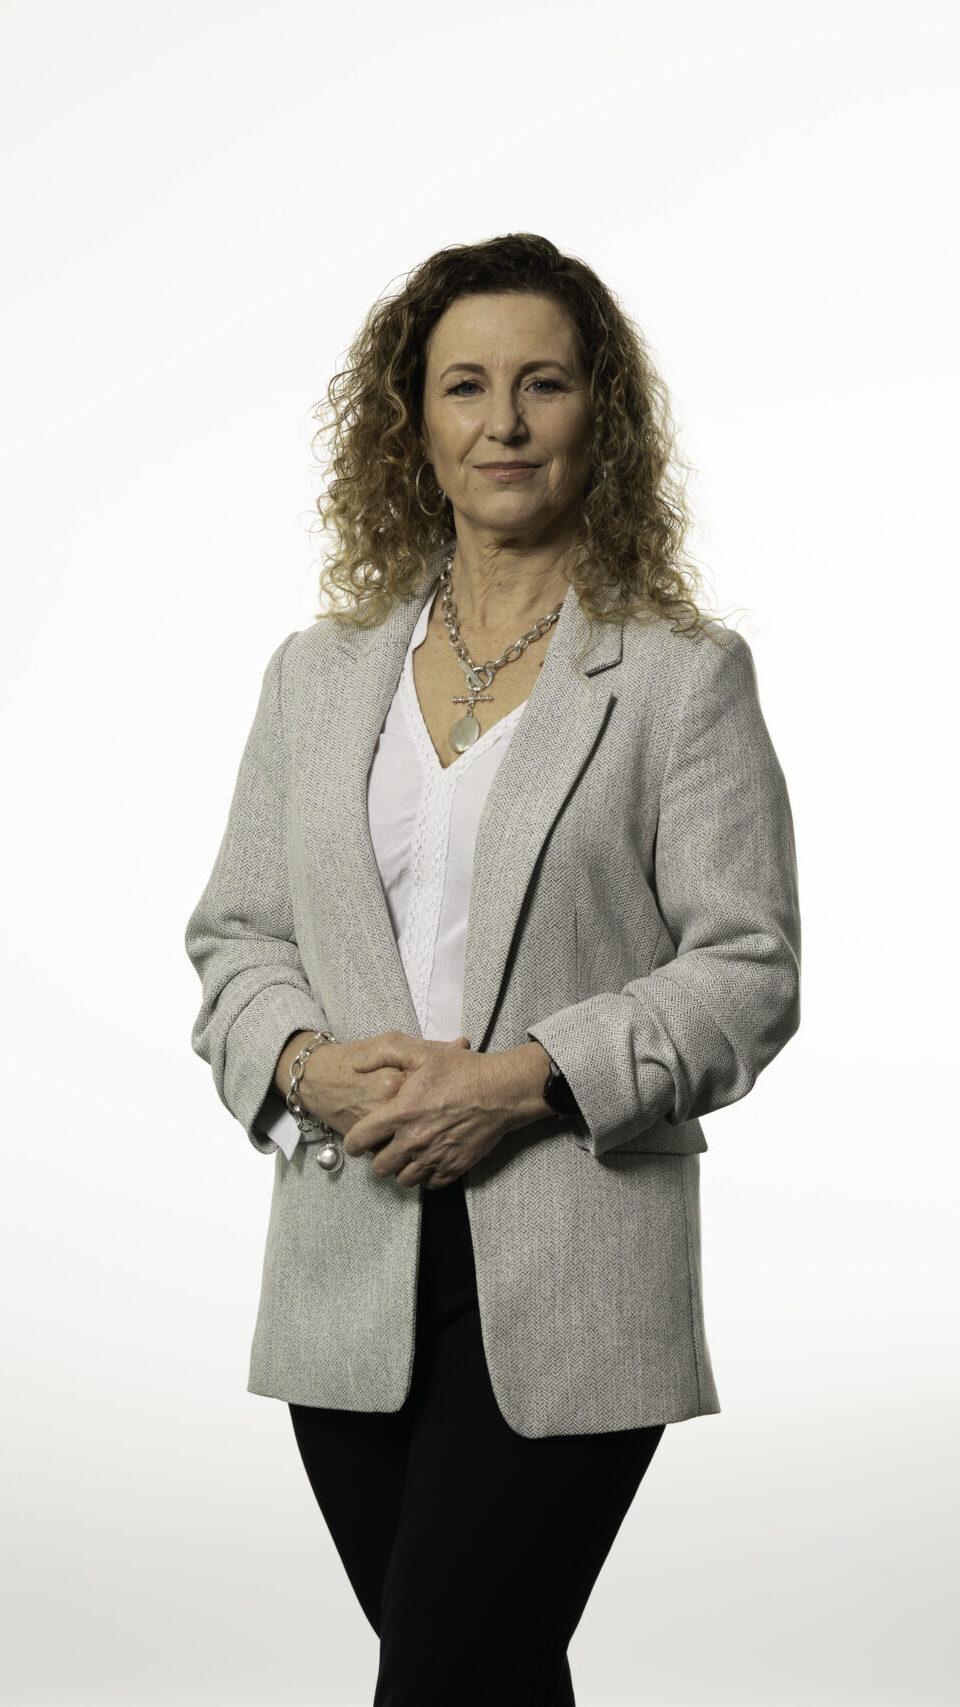 Gillian Haseler